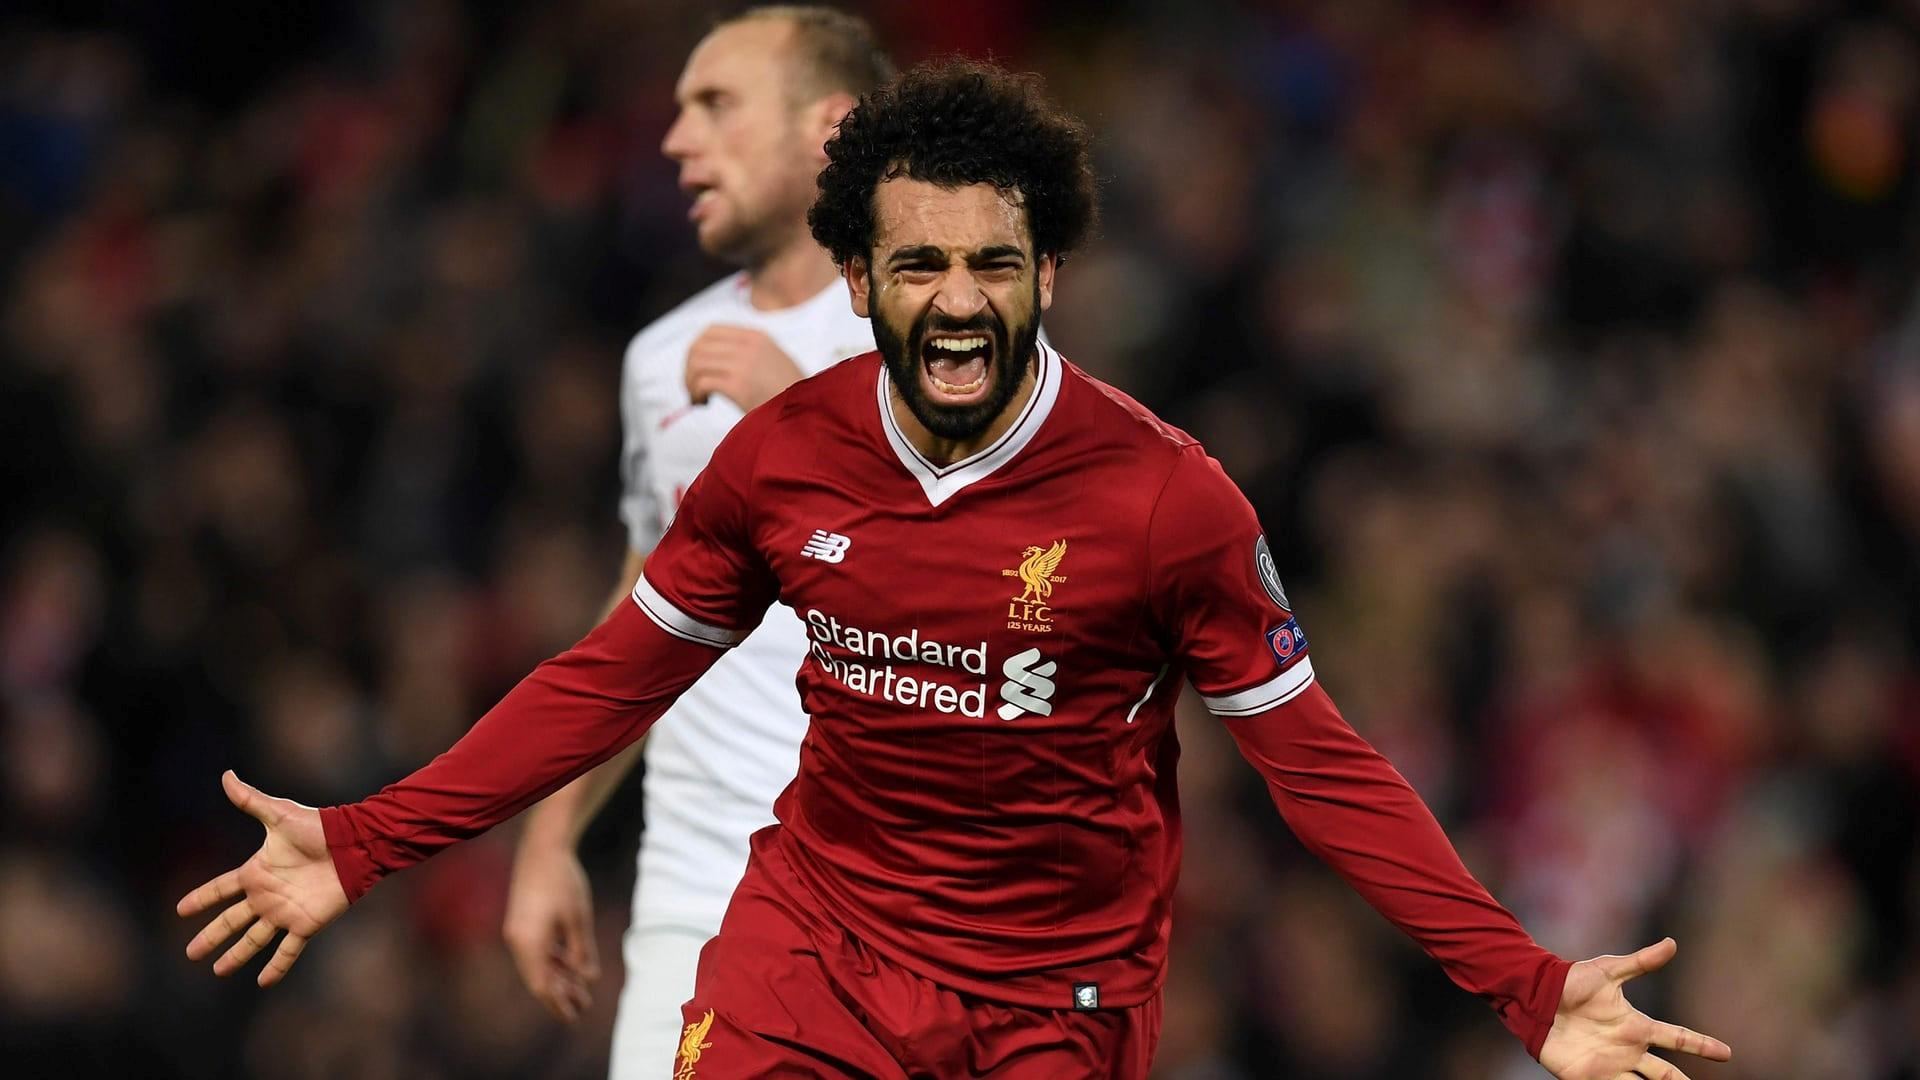 Мохамед Салах стал обладателем премии Пушкаша за красивейший гол в 2018 году